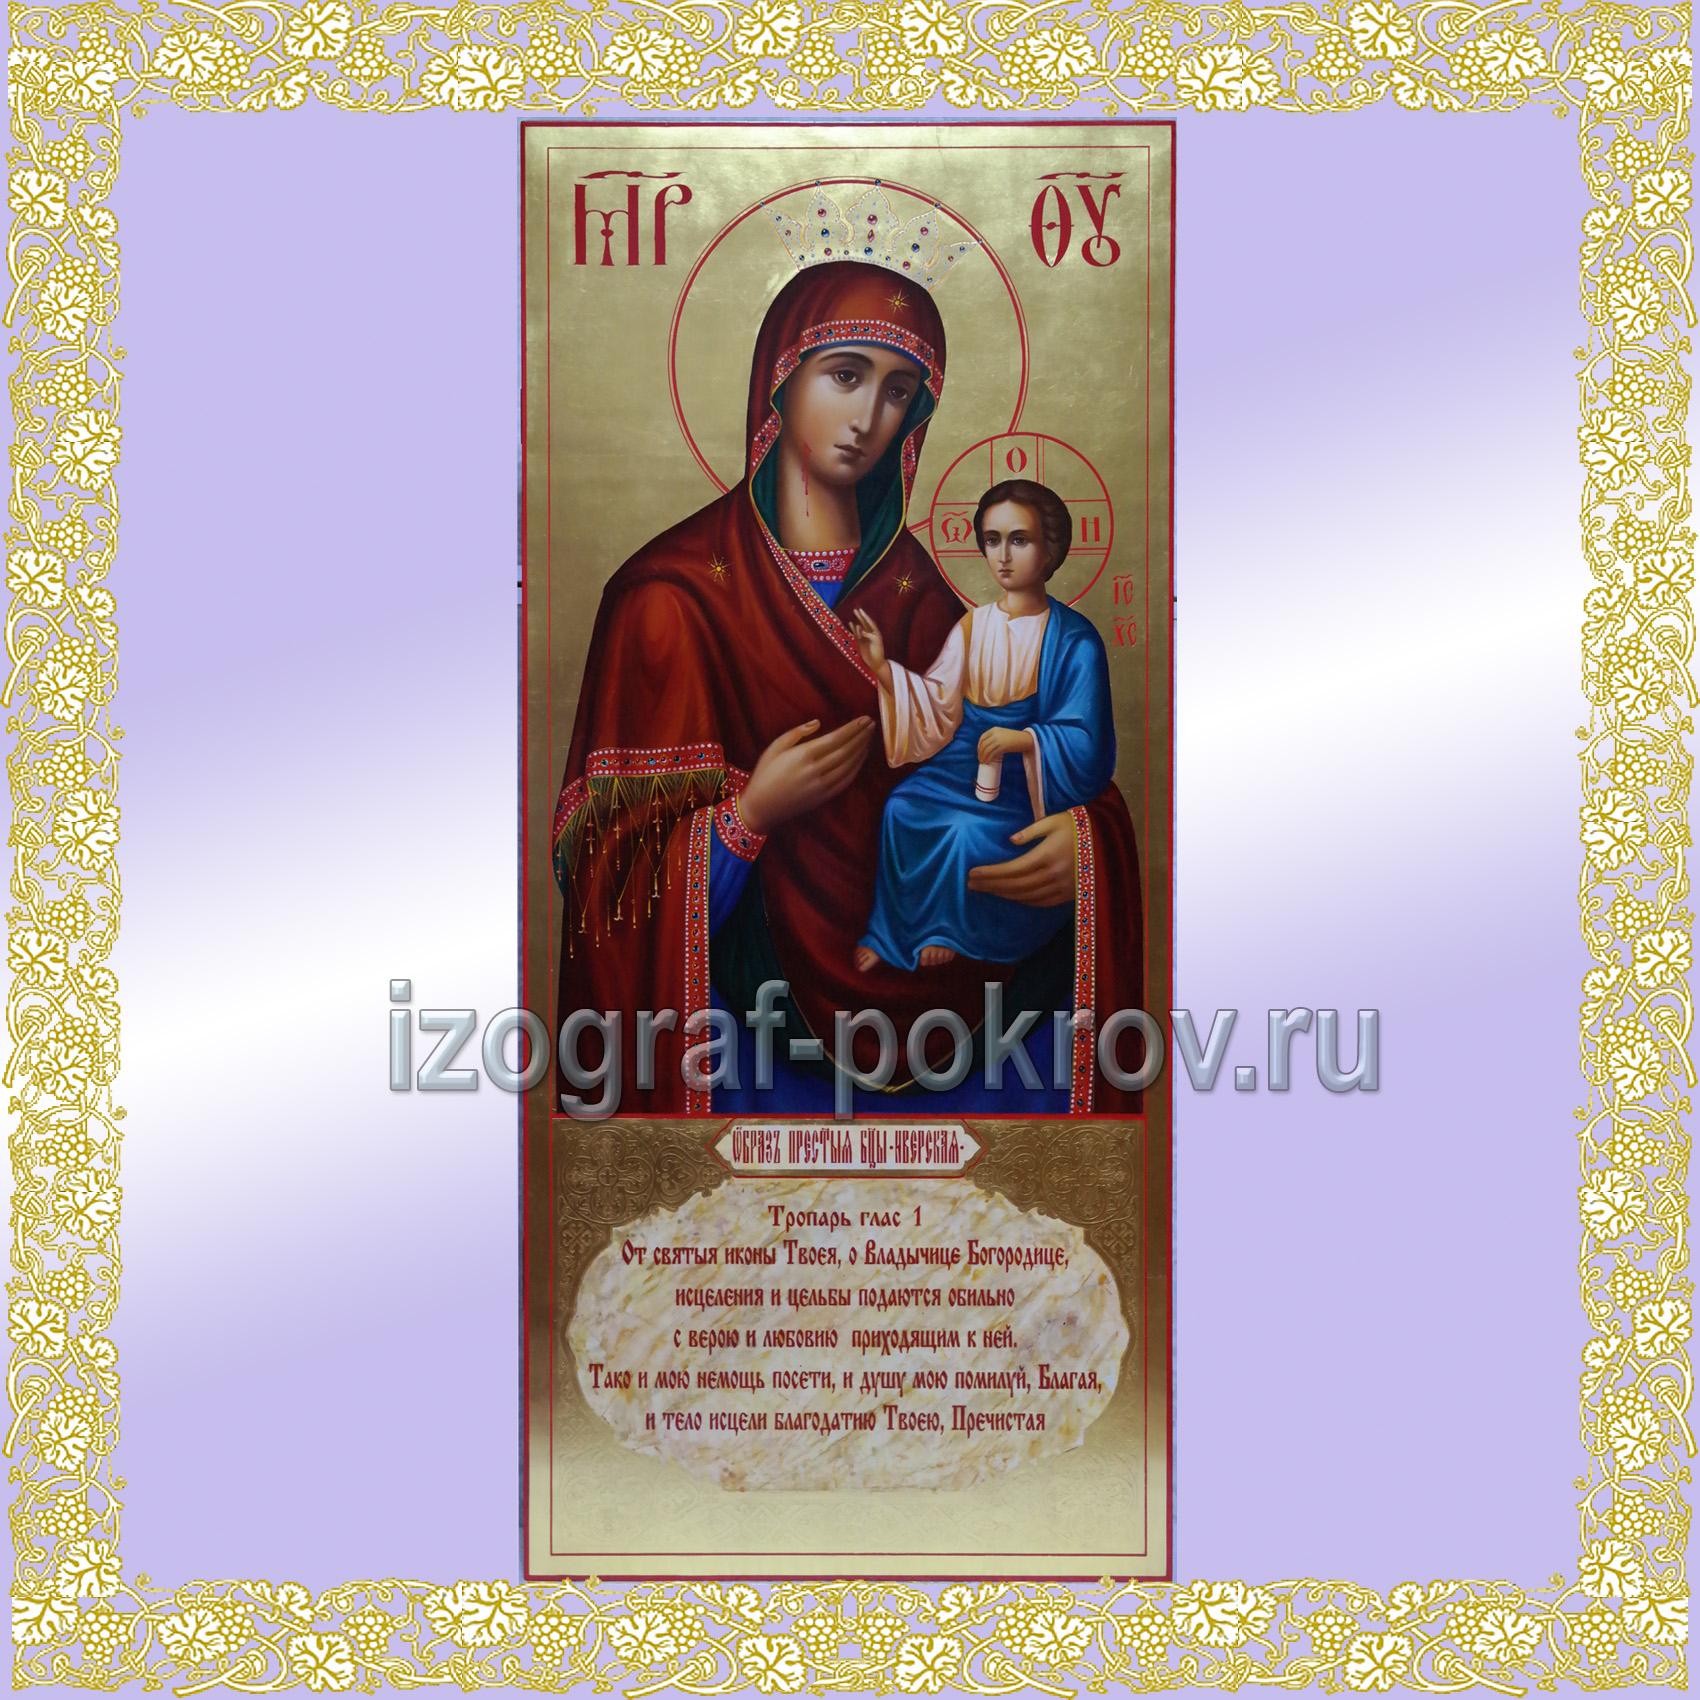 Икона Богородицы Иверская (Вратарница)